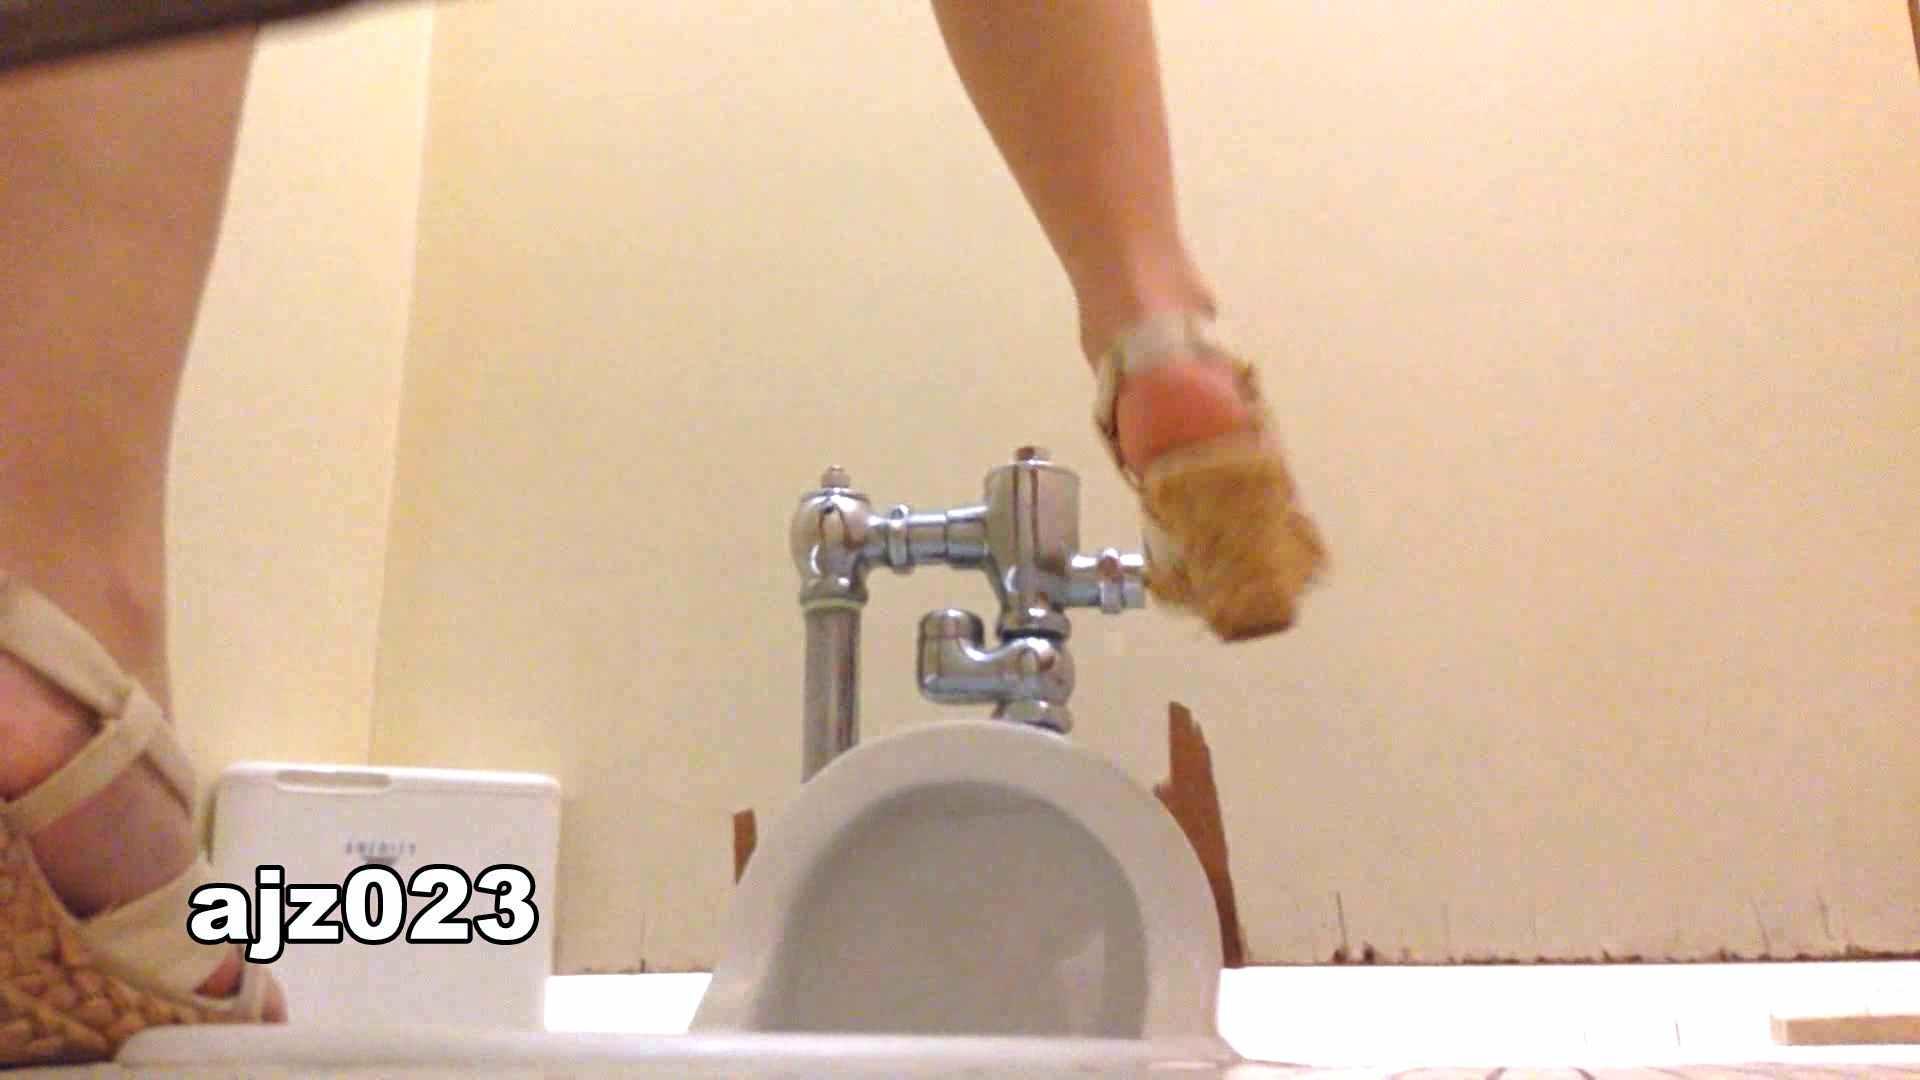 某有名大学女性洗面所 vol.23 洗面所 | HなOL  98pic 6